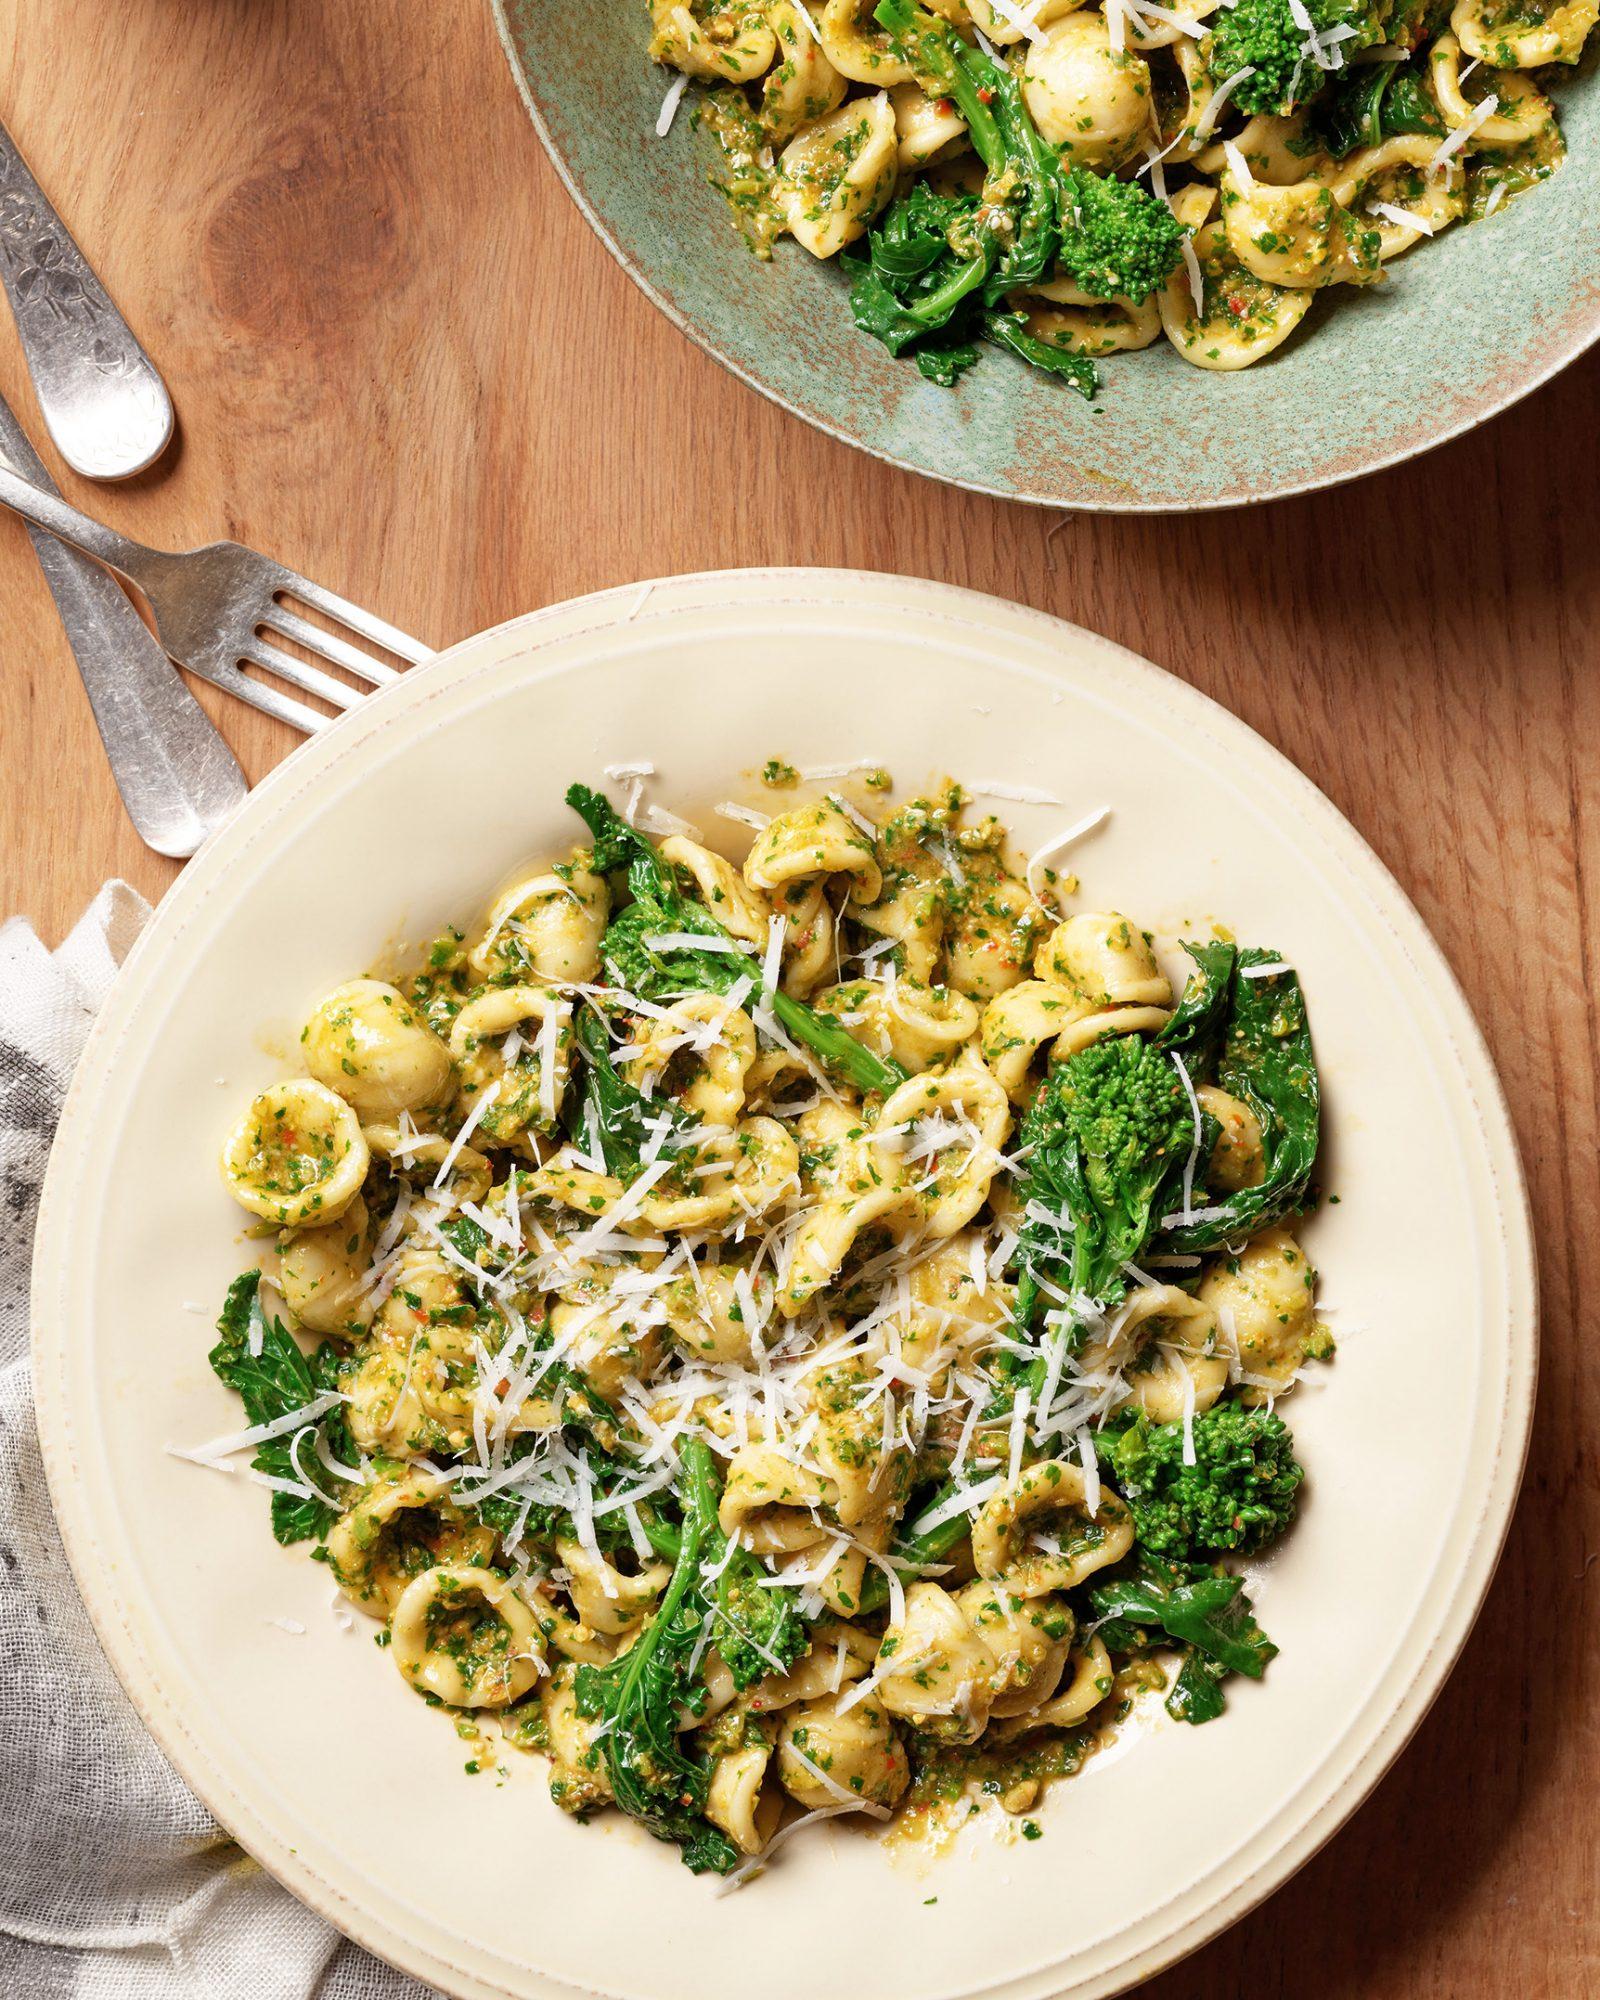 orecchiette with broccoli rabe pesto